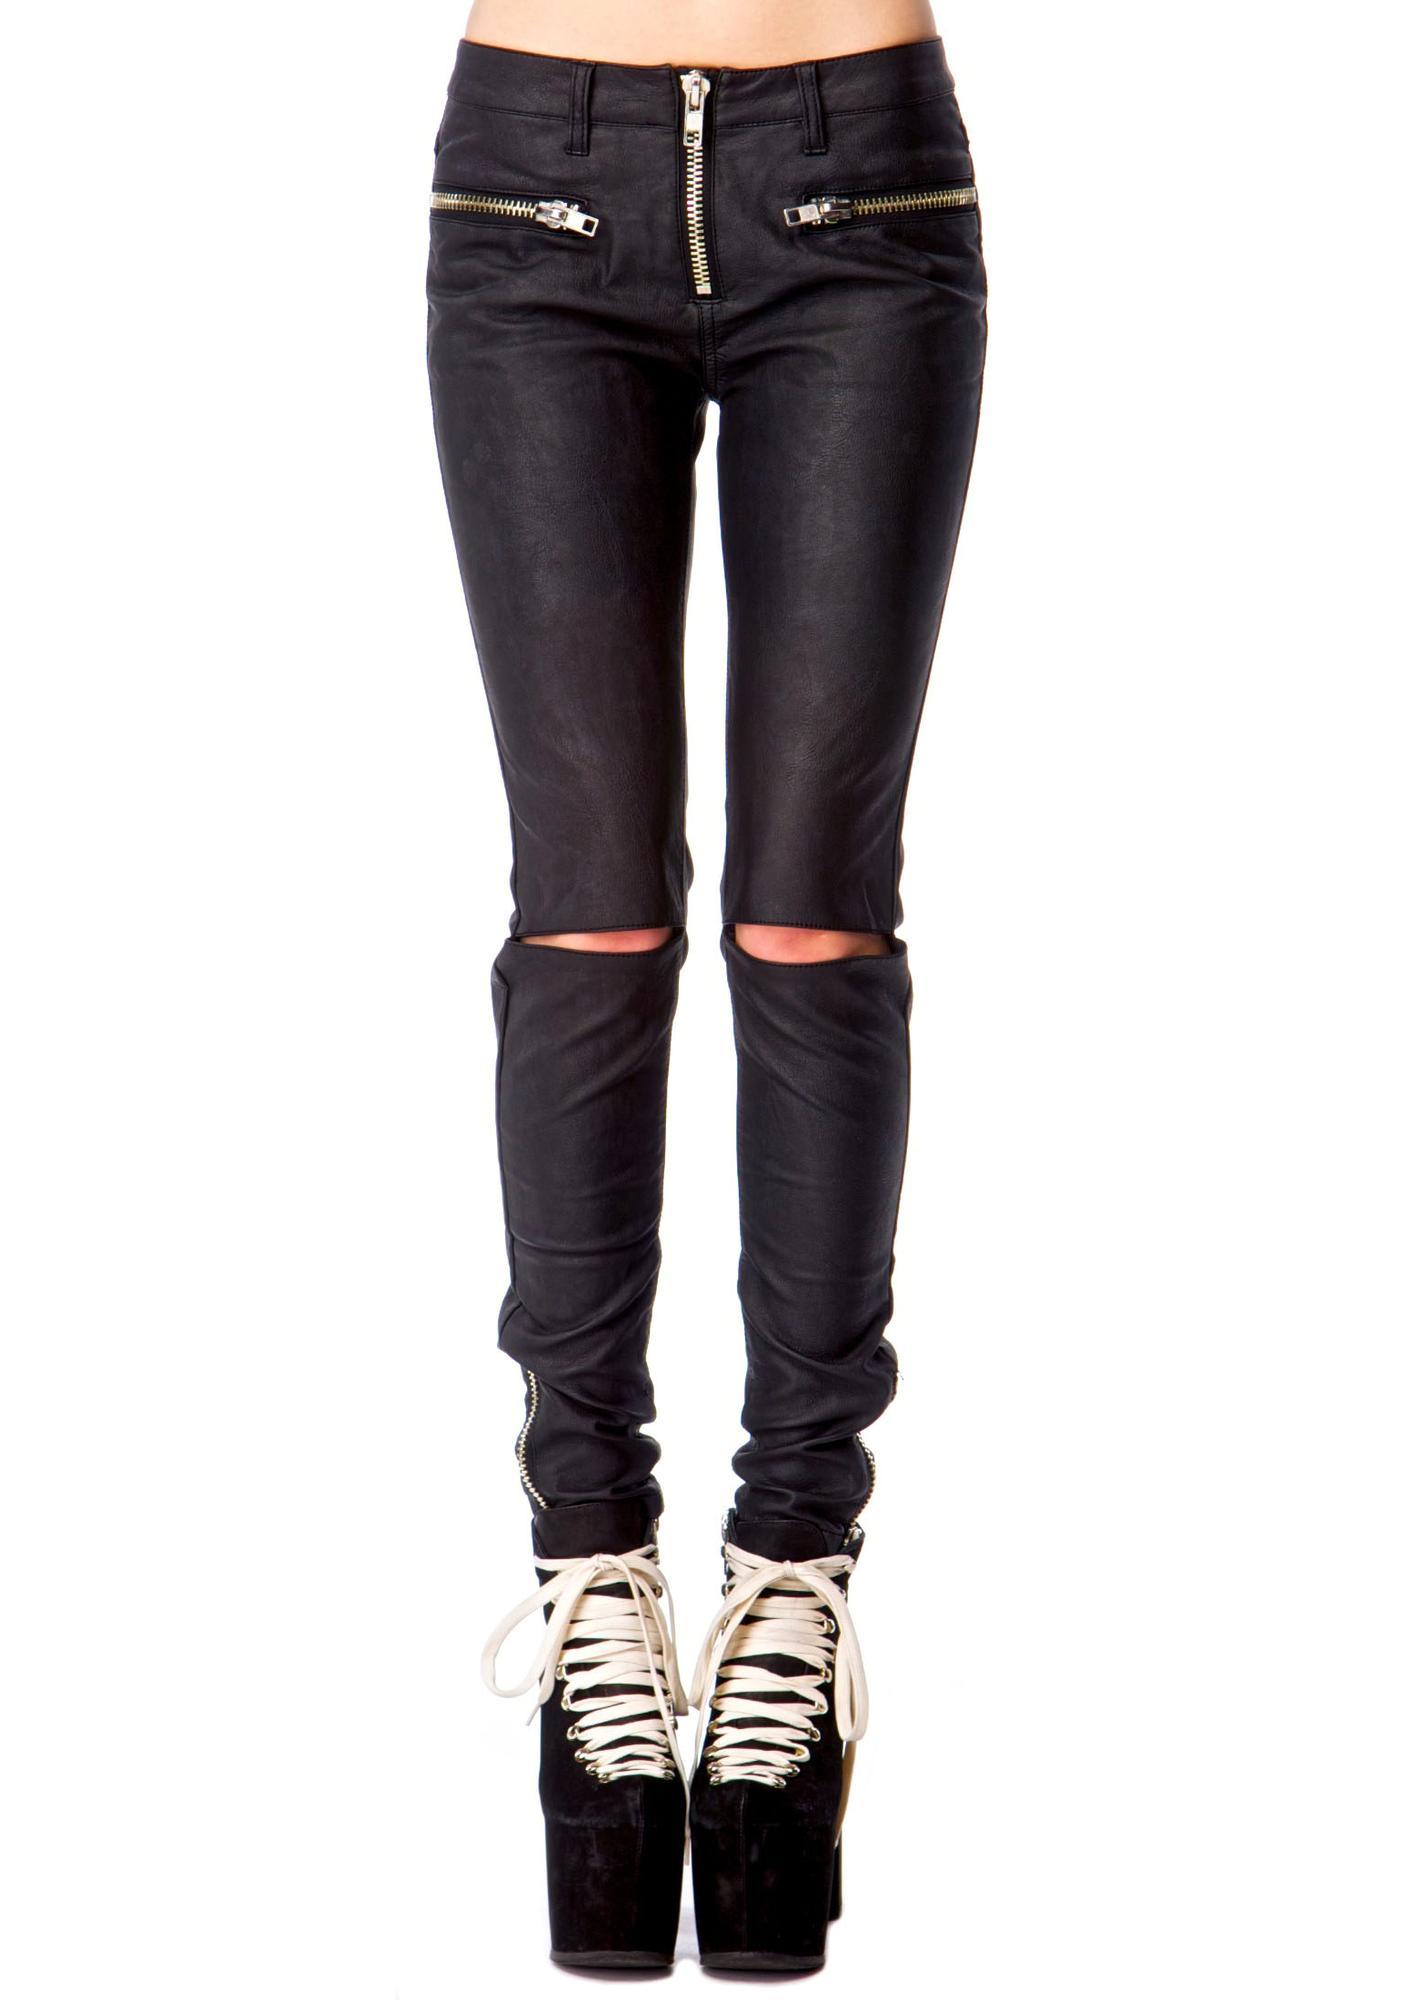 UNIF Iggy Pants